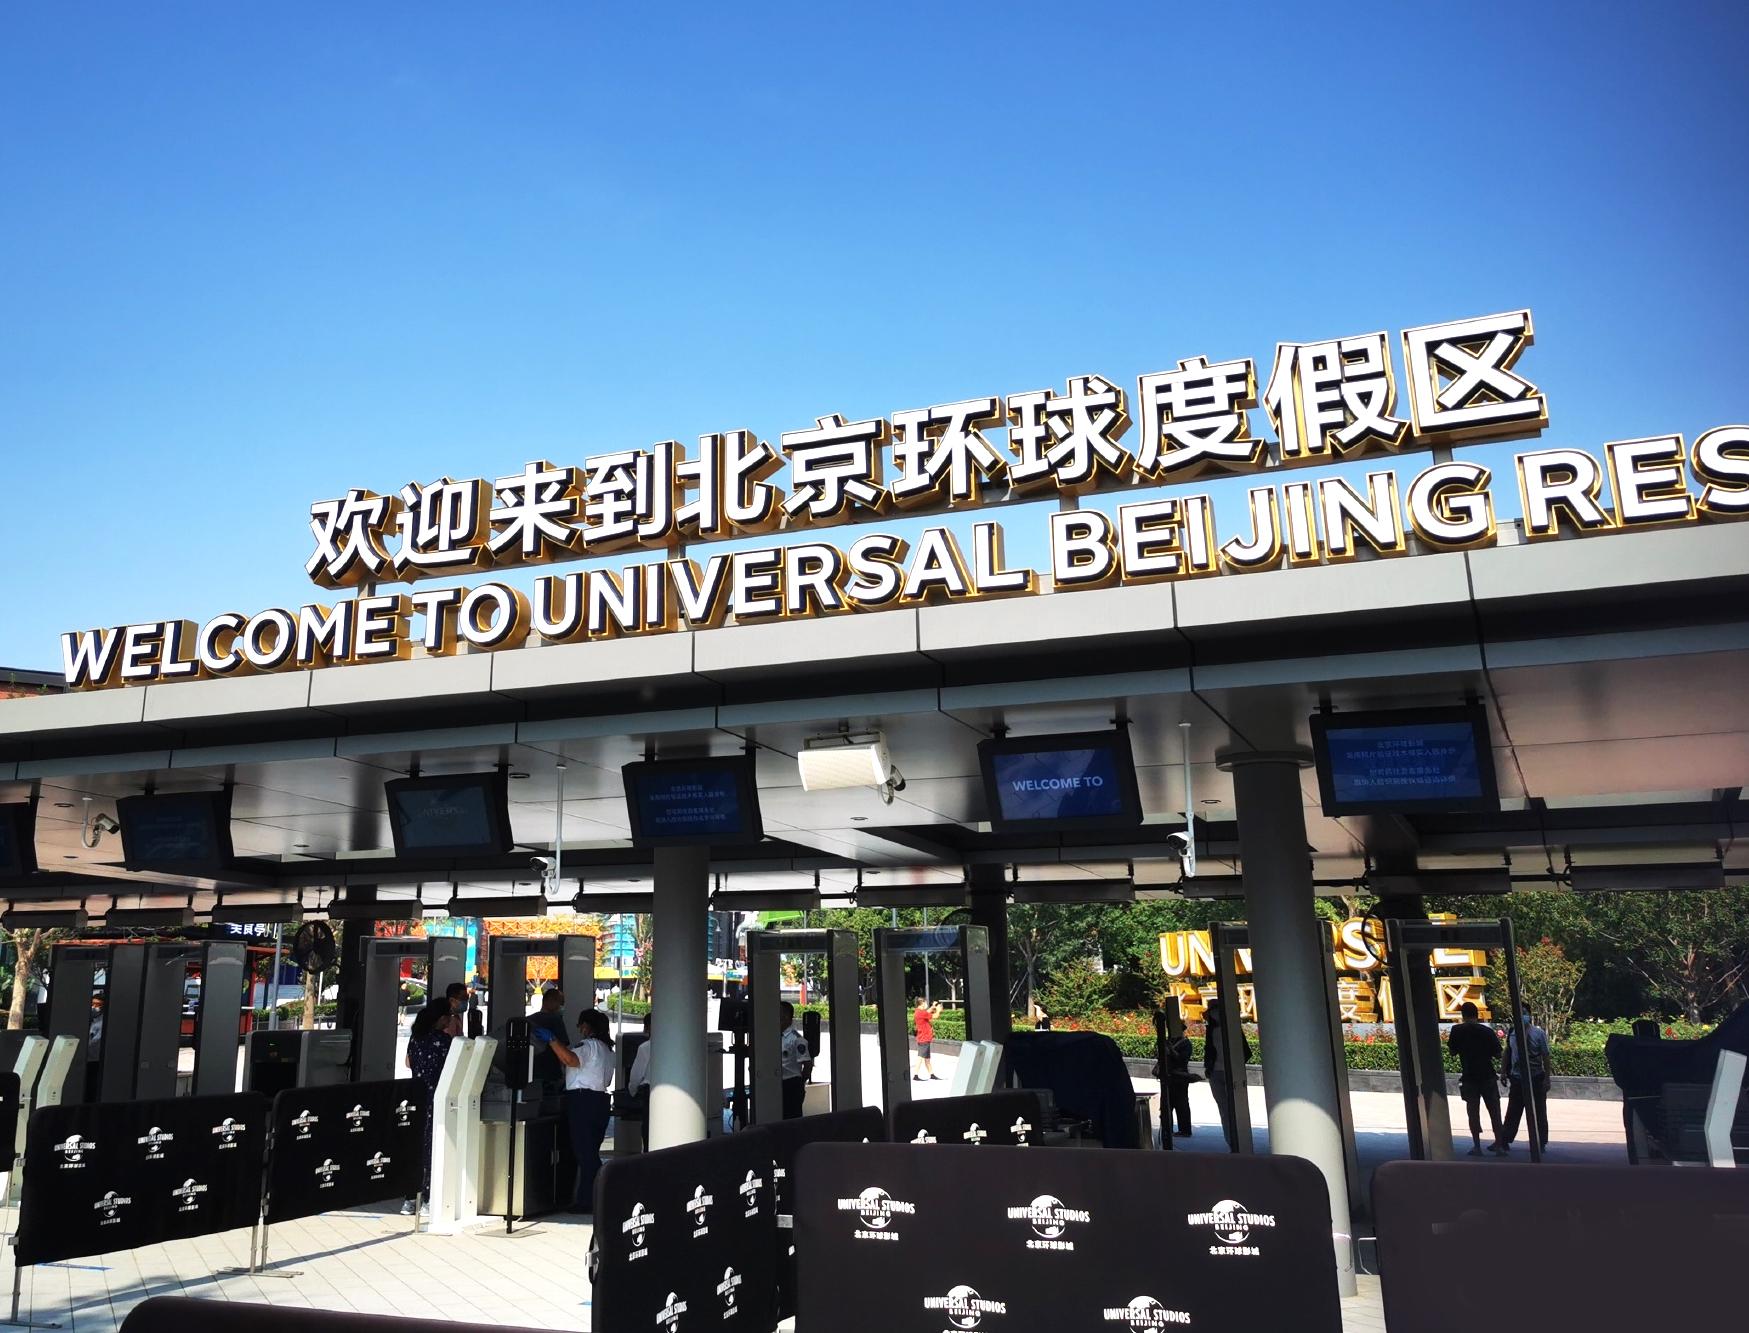 北京环球影城9月20日中午12点开园 游客需提前预约入园时间